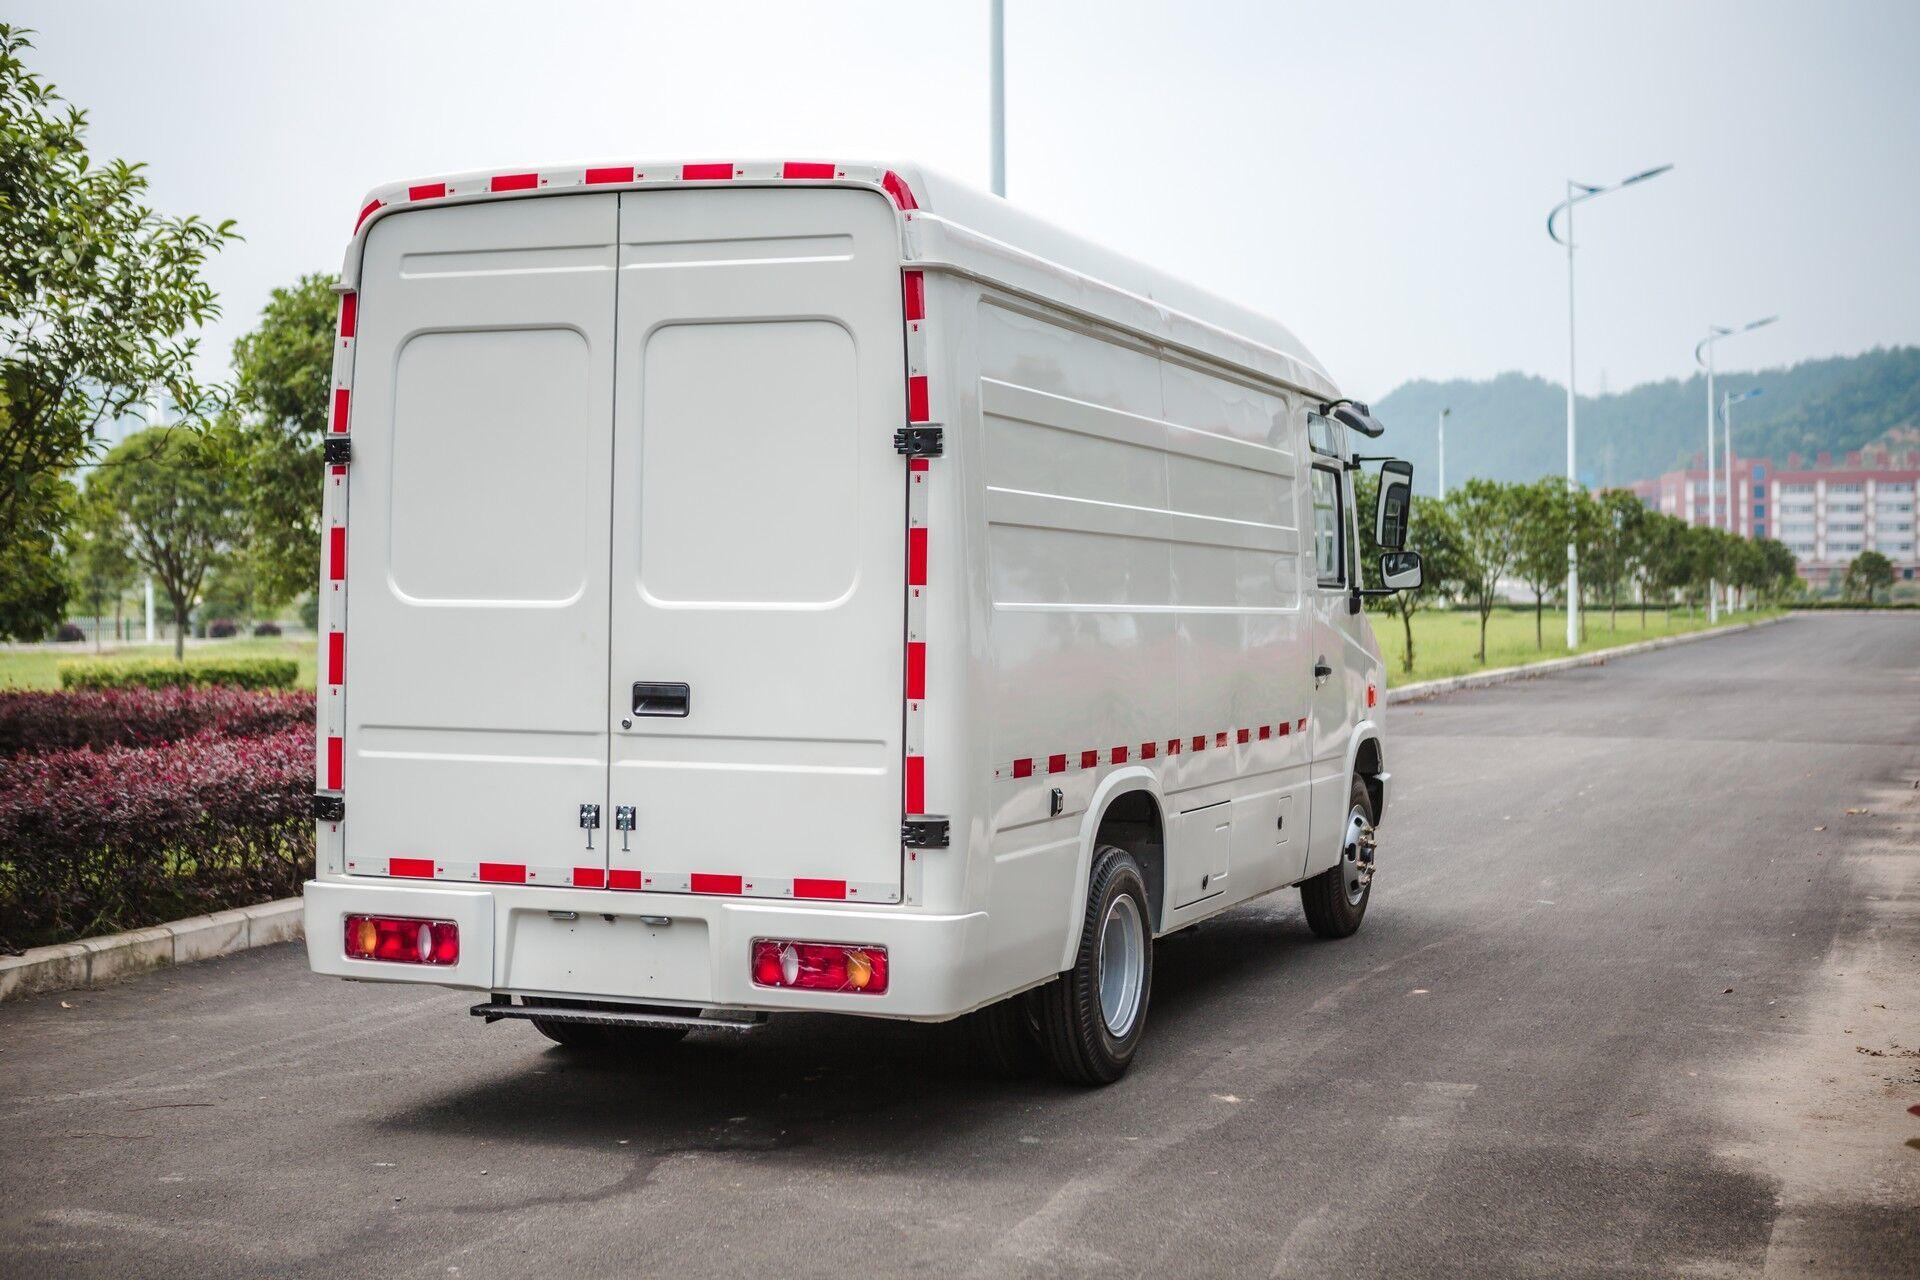 Грузоподъемность CityPorter достигает 2585 кг, а багажное отделение имеет объем 12 м3